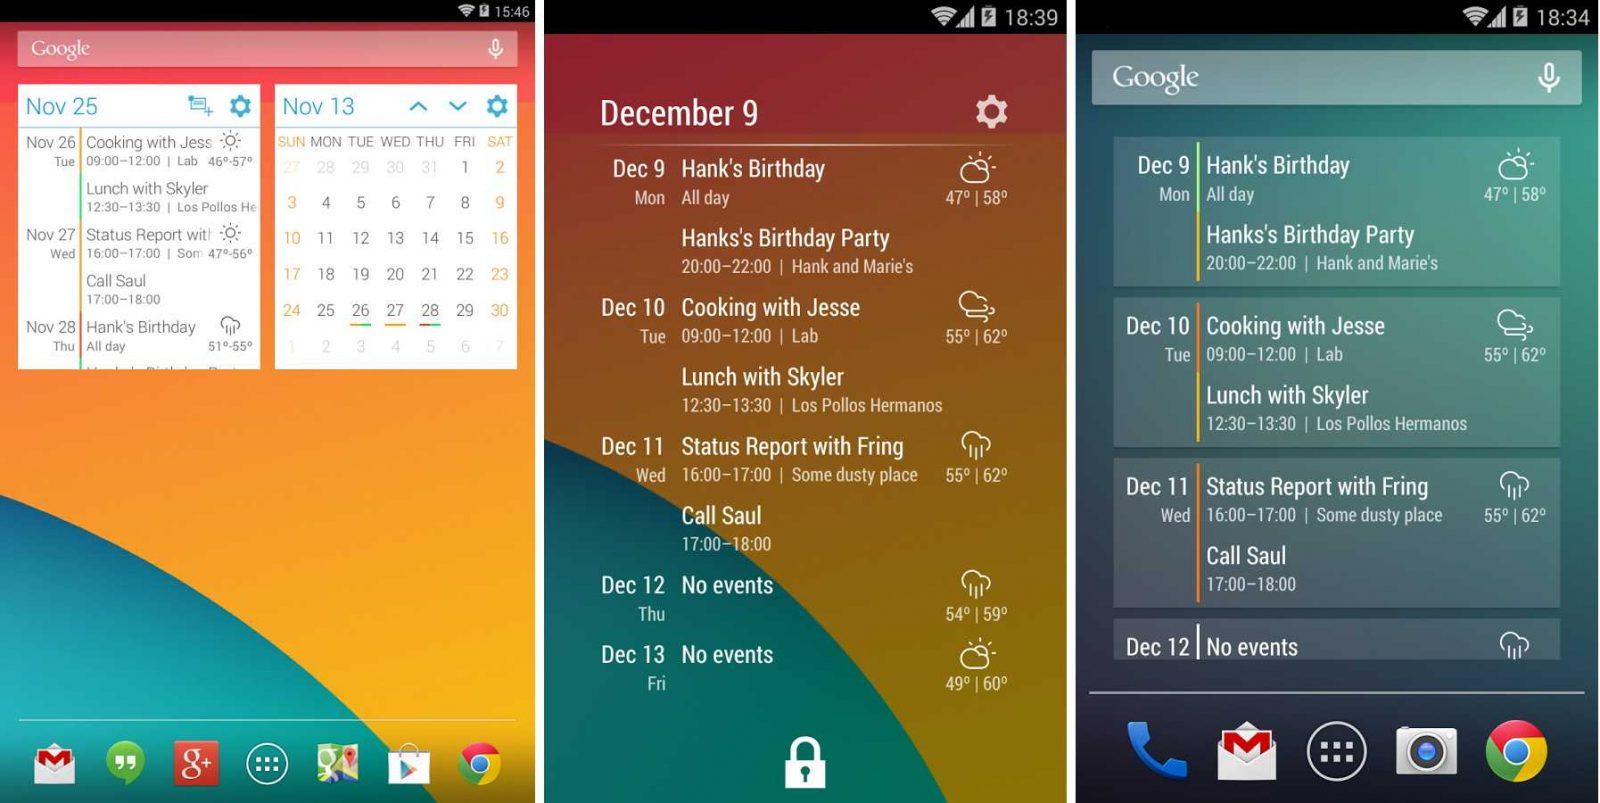 Calendario Android.Calendario App Android Eventflow Imagenes Y Fotos